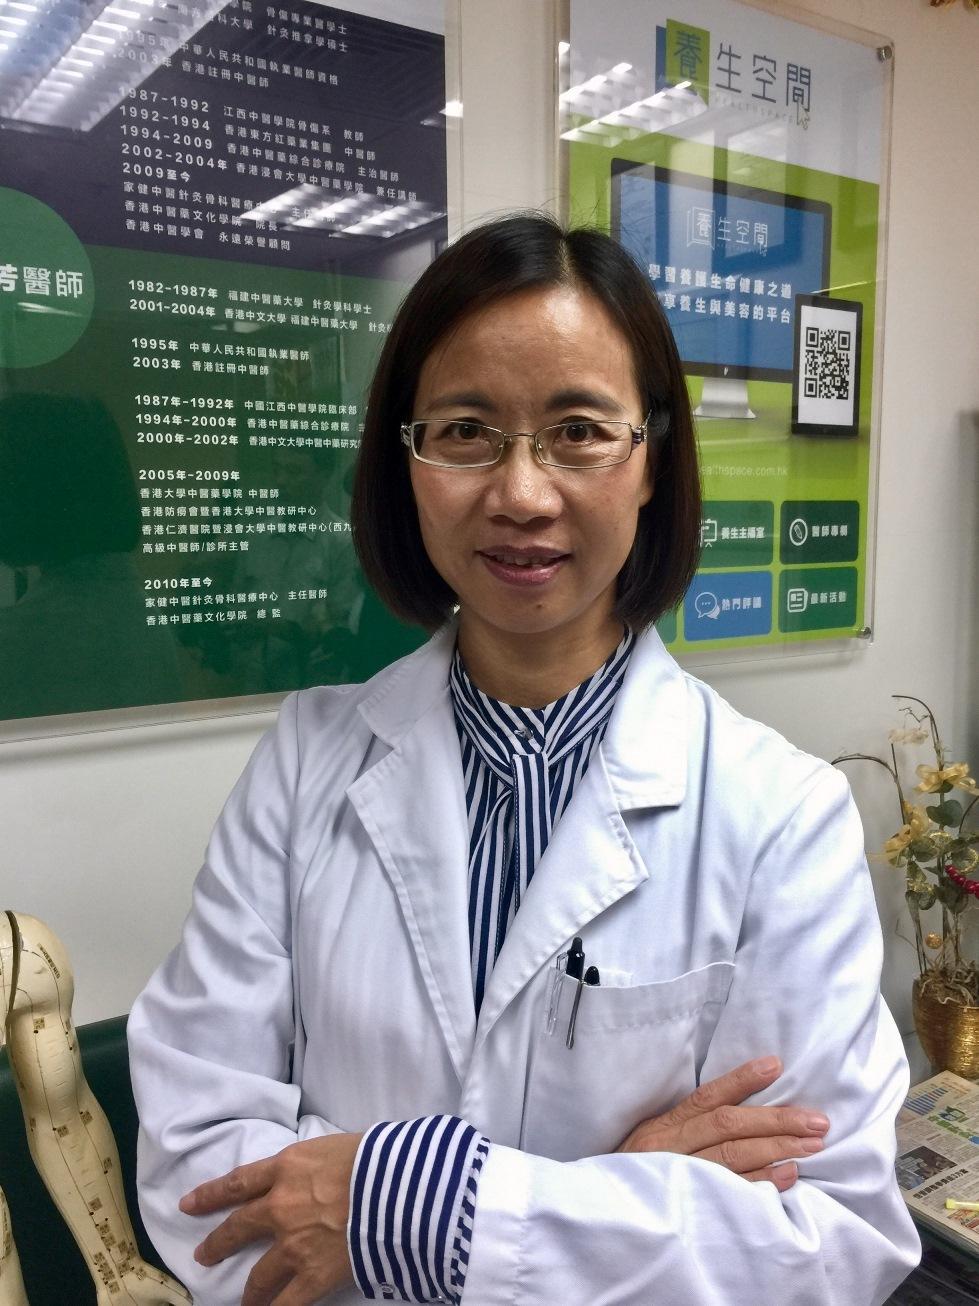 香港中醫藥文化學院總監黃梅芳表示,透過食療調養,經絡按摩及情志療法三管齊下,可自我防範奶水不足,乳腺阻塞。(公關提供)